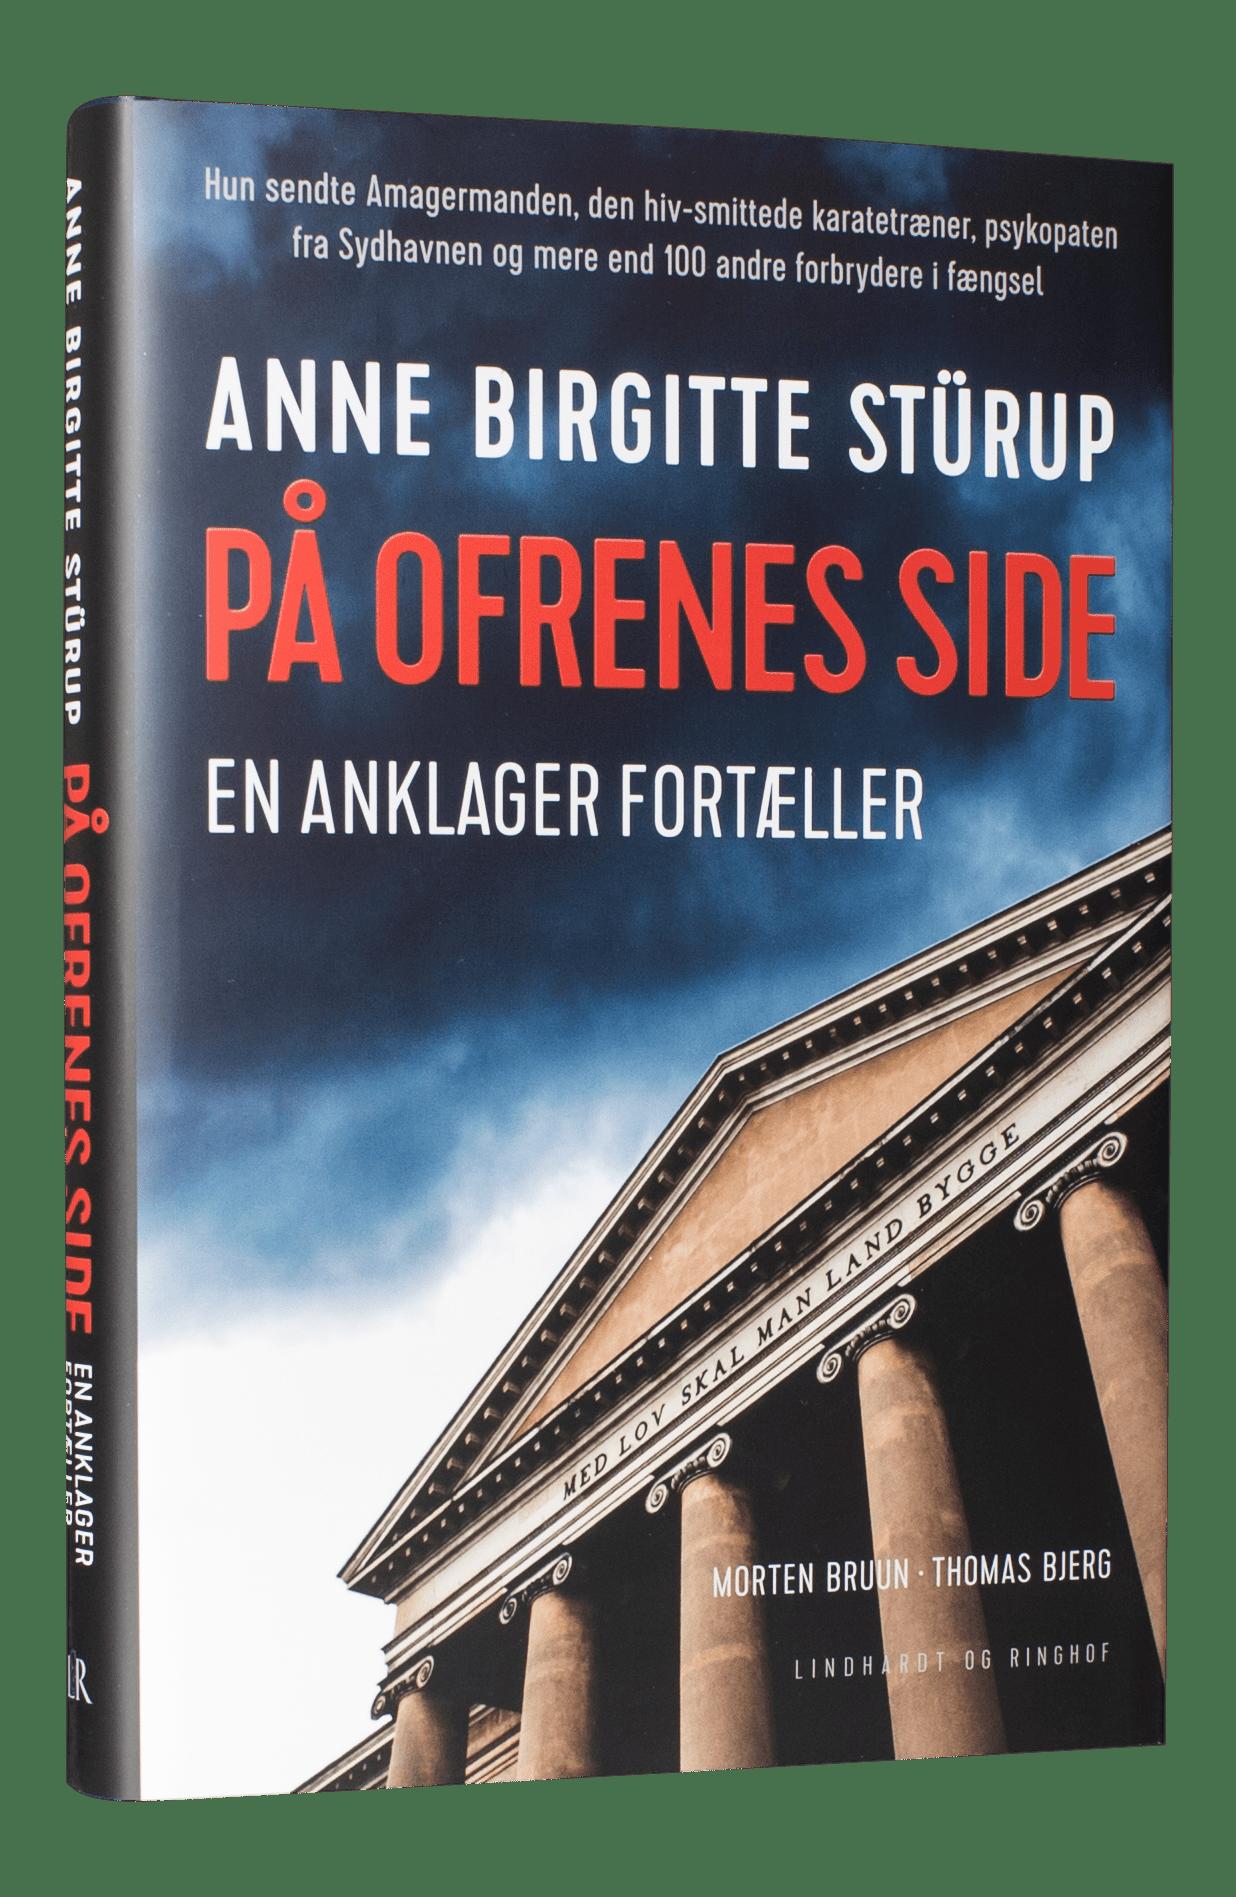 På ofrenes side, en anklagers liv, Thomas Bjerg, Anne Birgitte Stürup, Morten Bruun, true crime